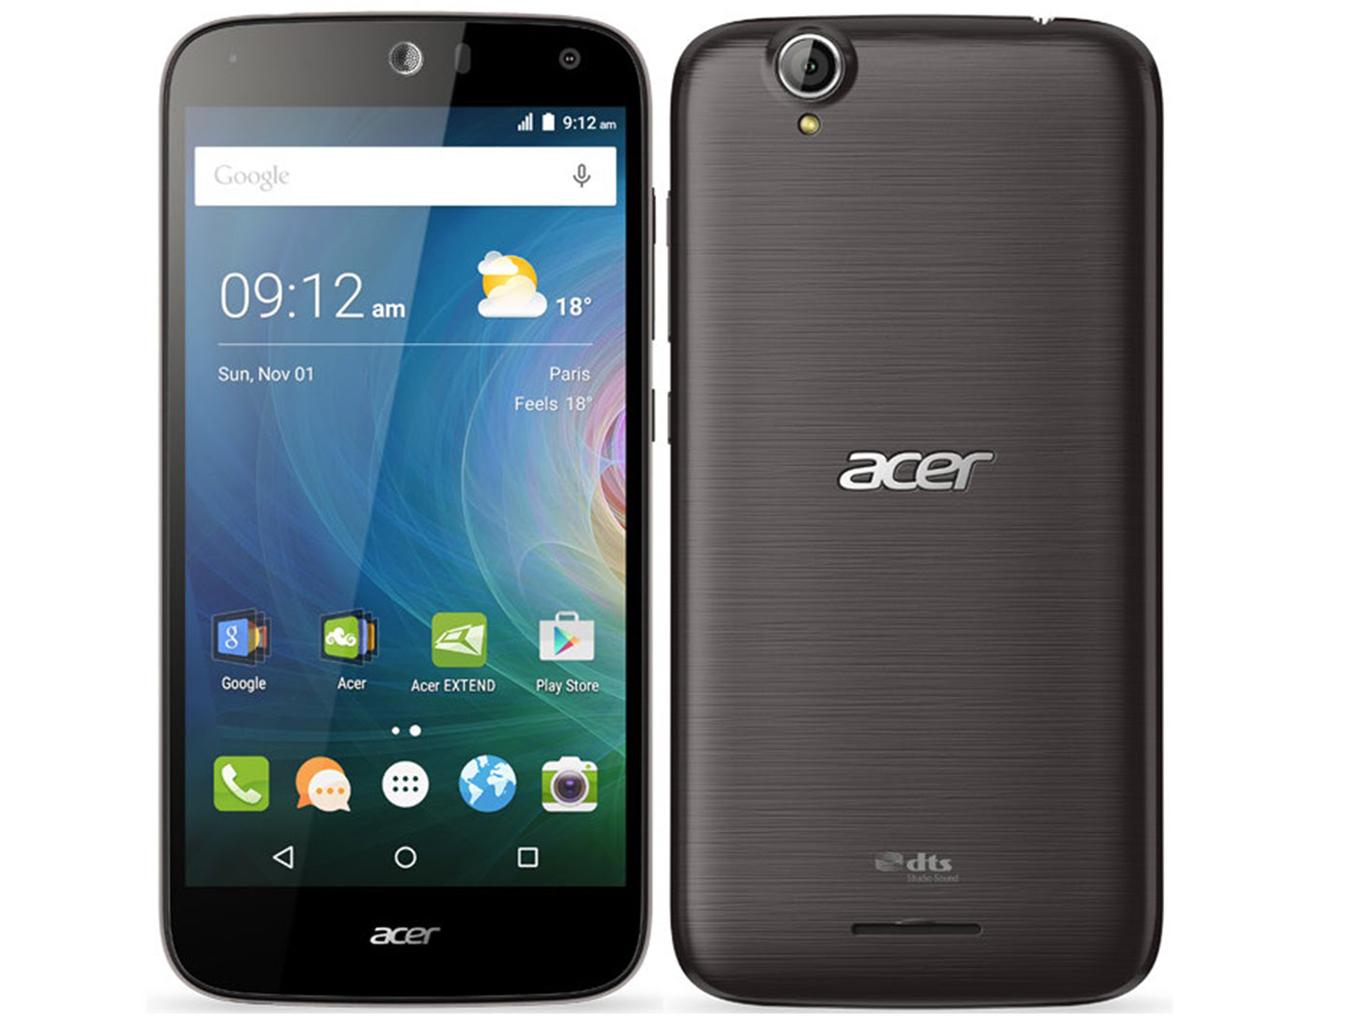 Acer Liquid Z630 Smartphone Review